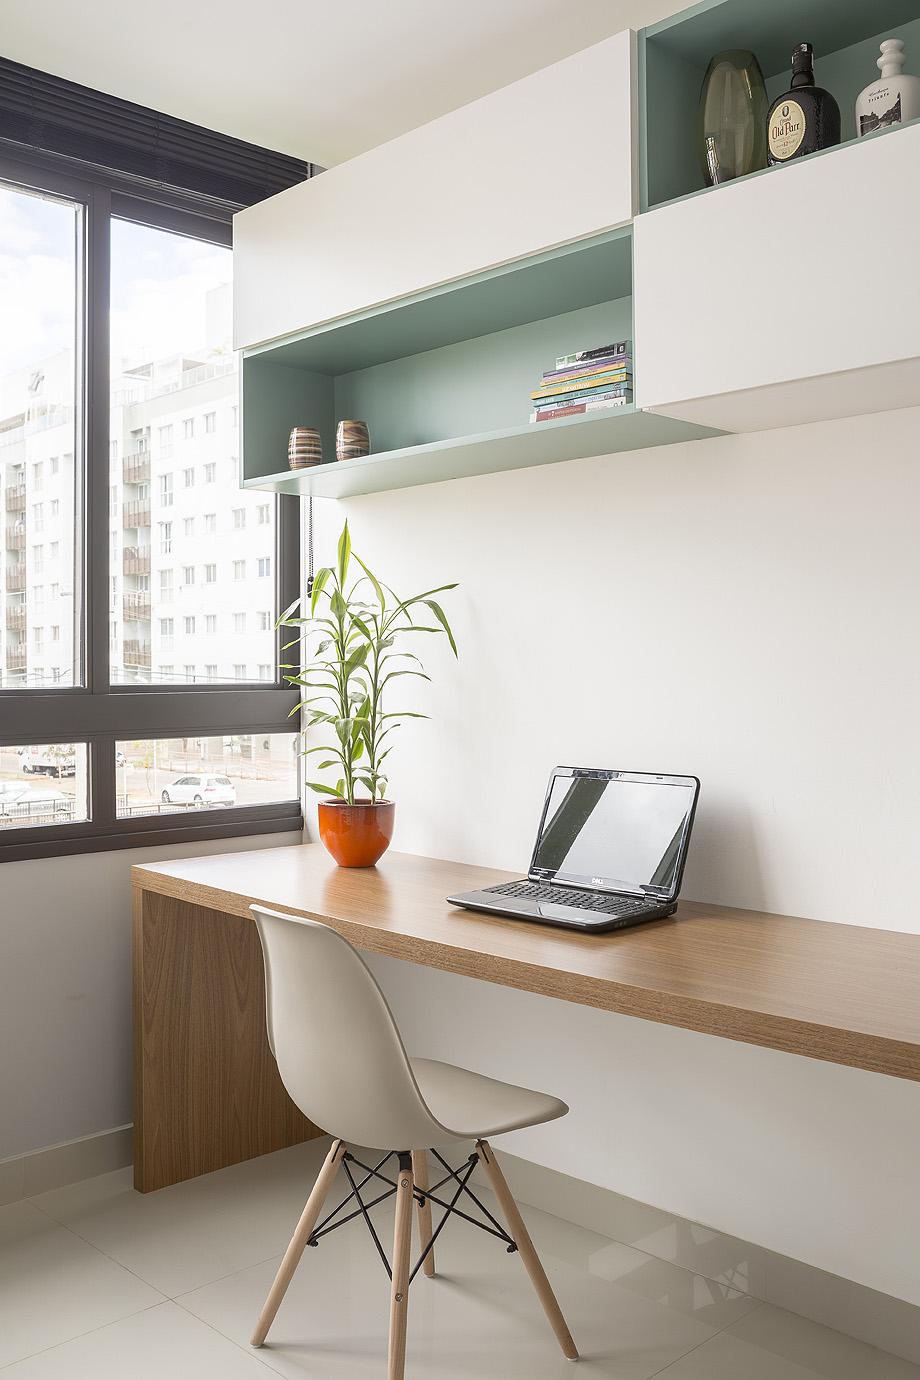 apartamento nw108 de coda arquitetos - foto joana frança (12)